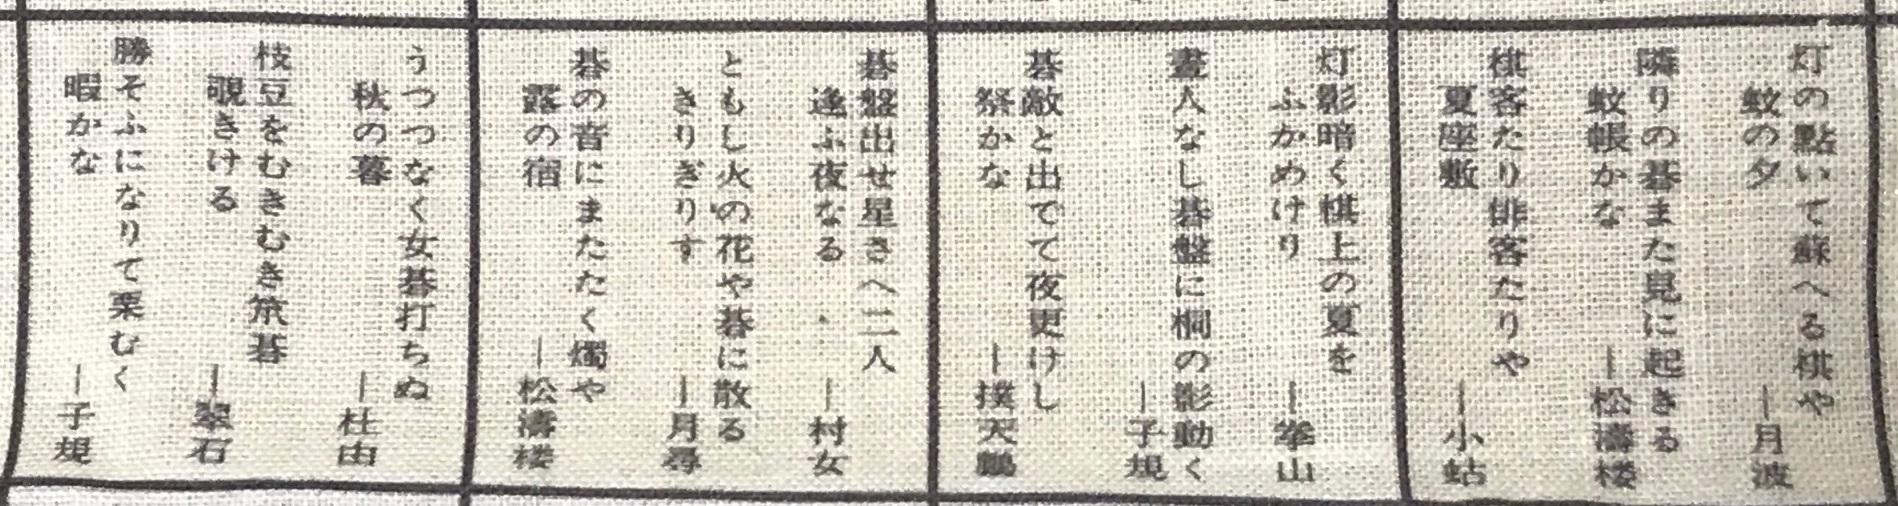 『囲碁百科ハンカチ』 その25